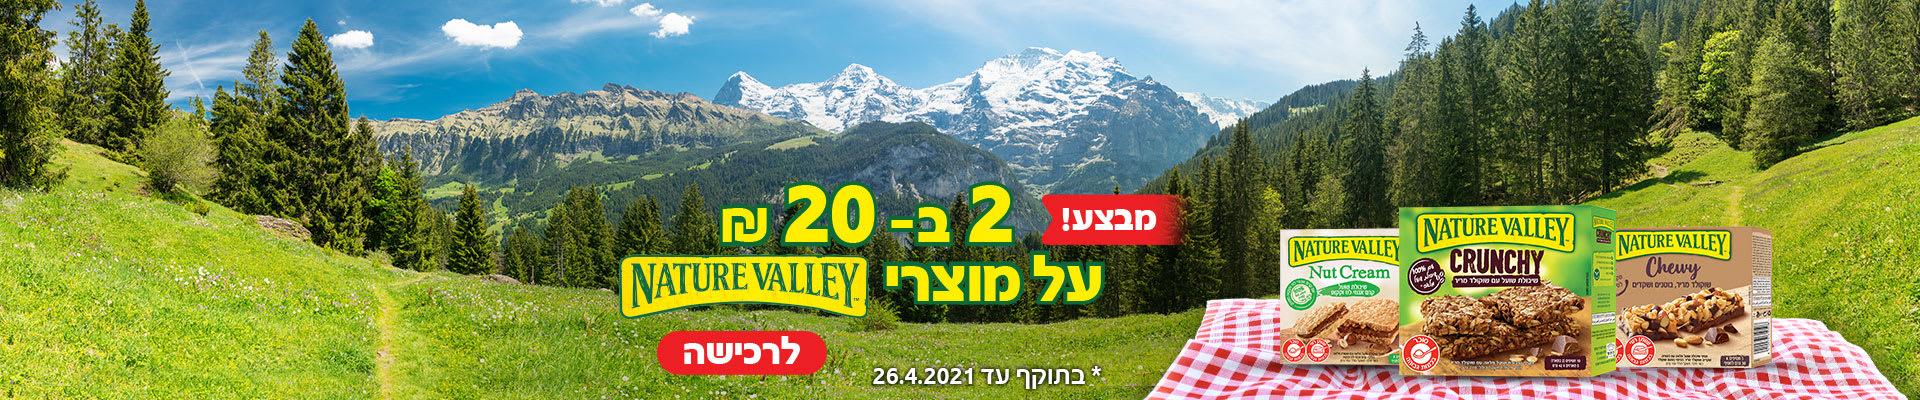 מבצע 2 ב- 20 ₪ על מוצרי NATURE VALLEY לרכישה * בתוקף עד 26.4.2021